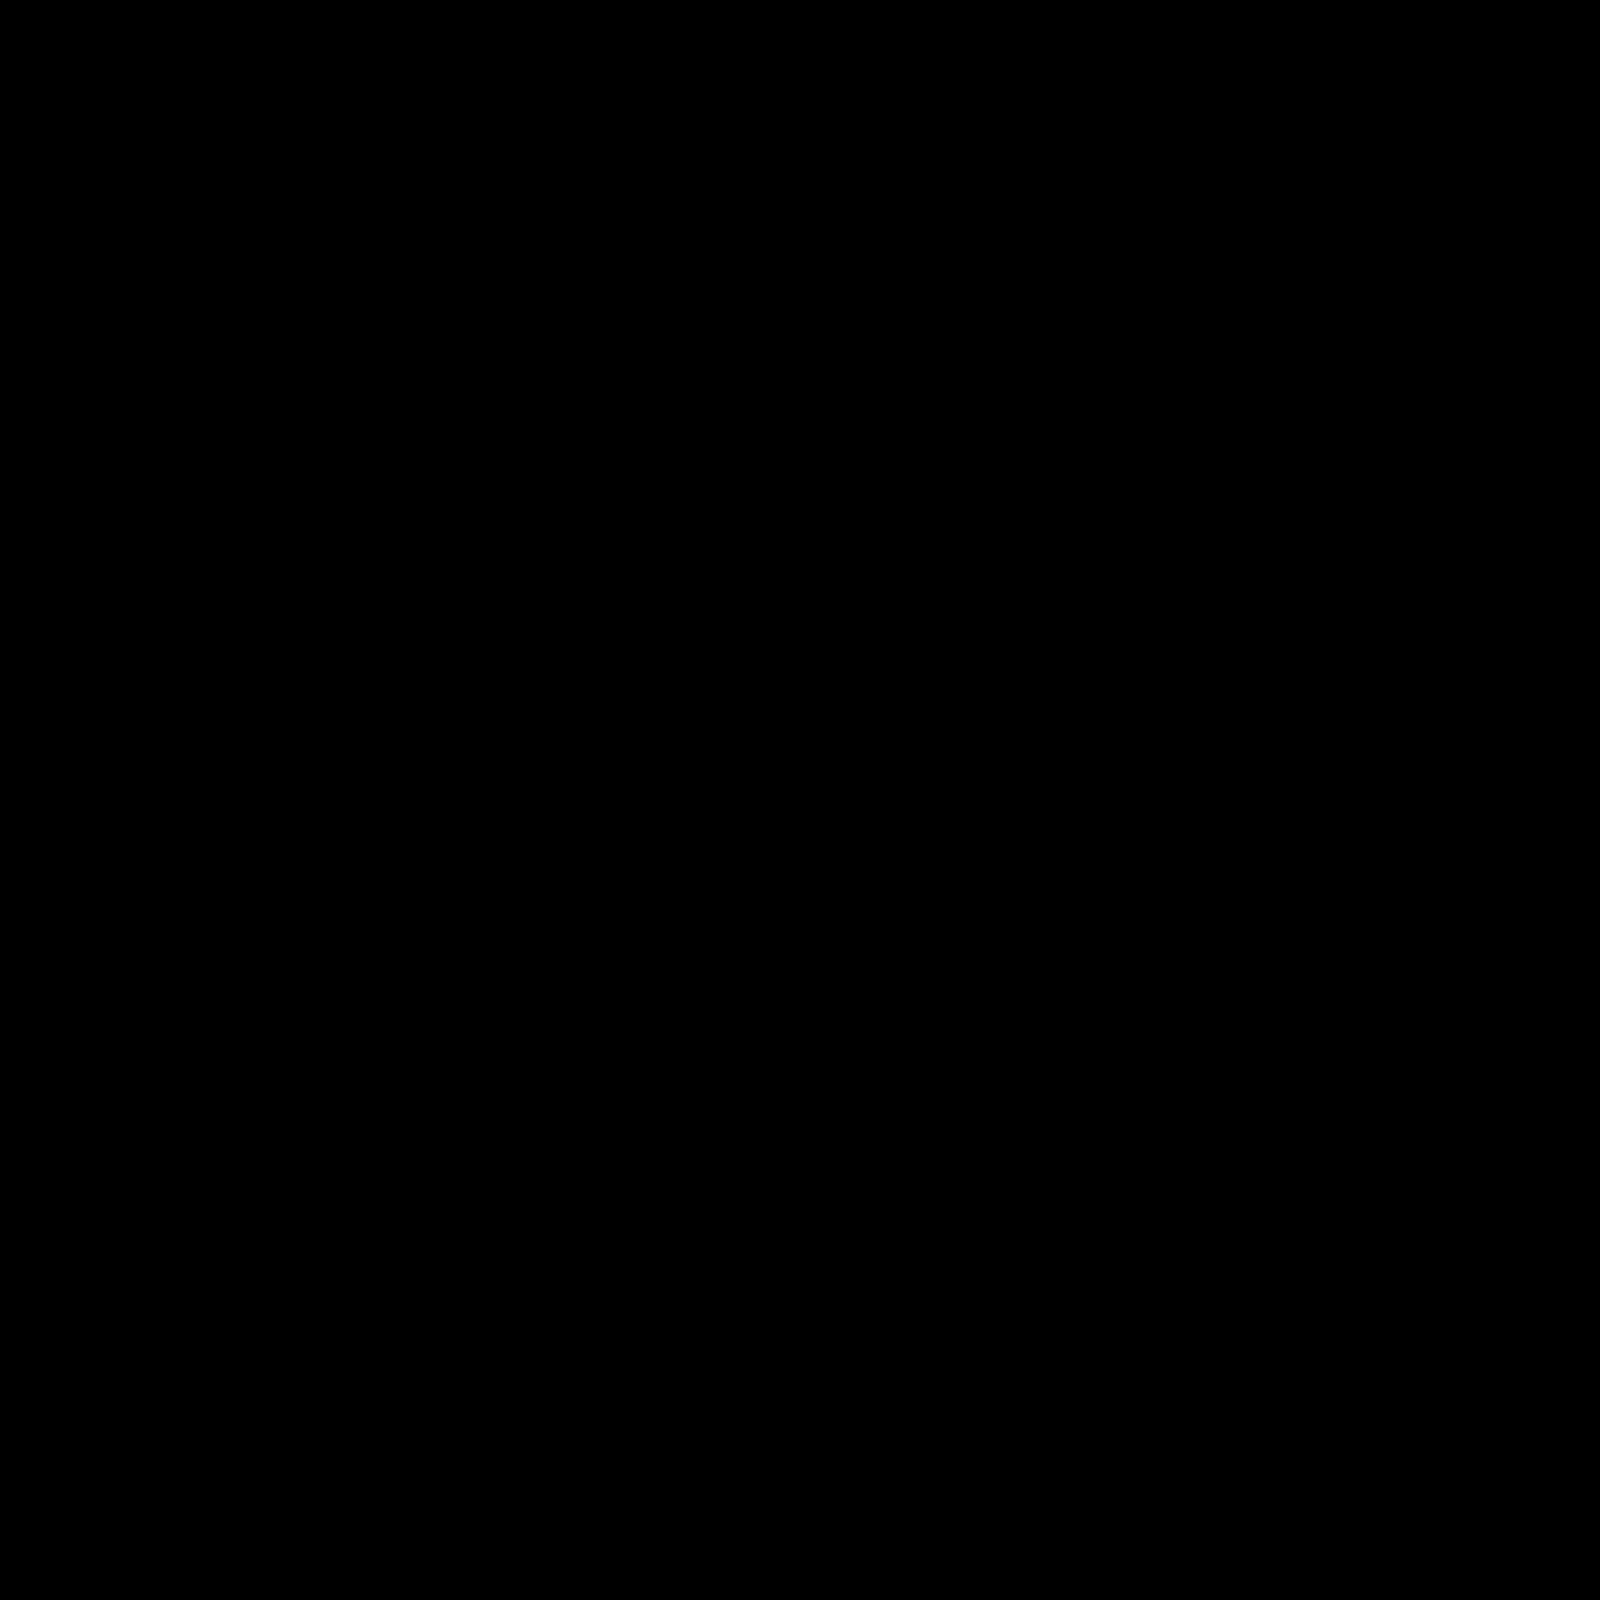 Georgia Map icon